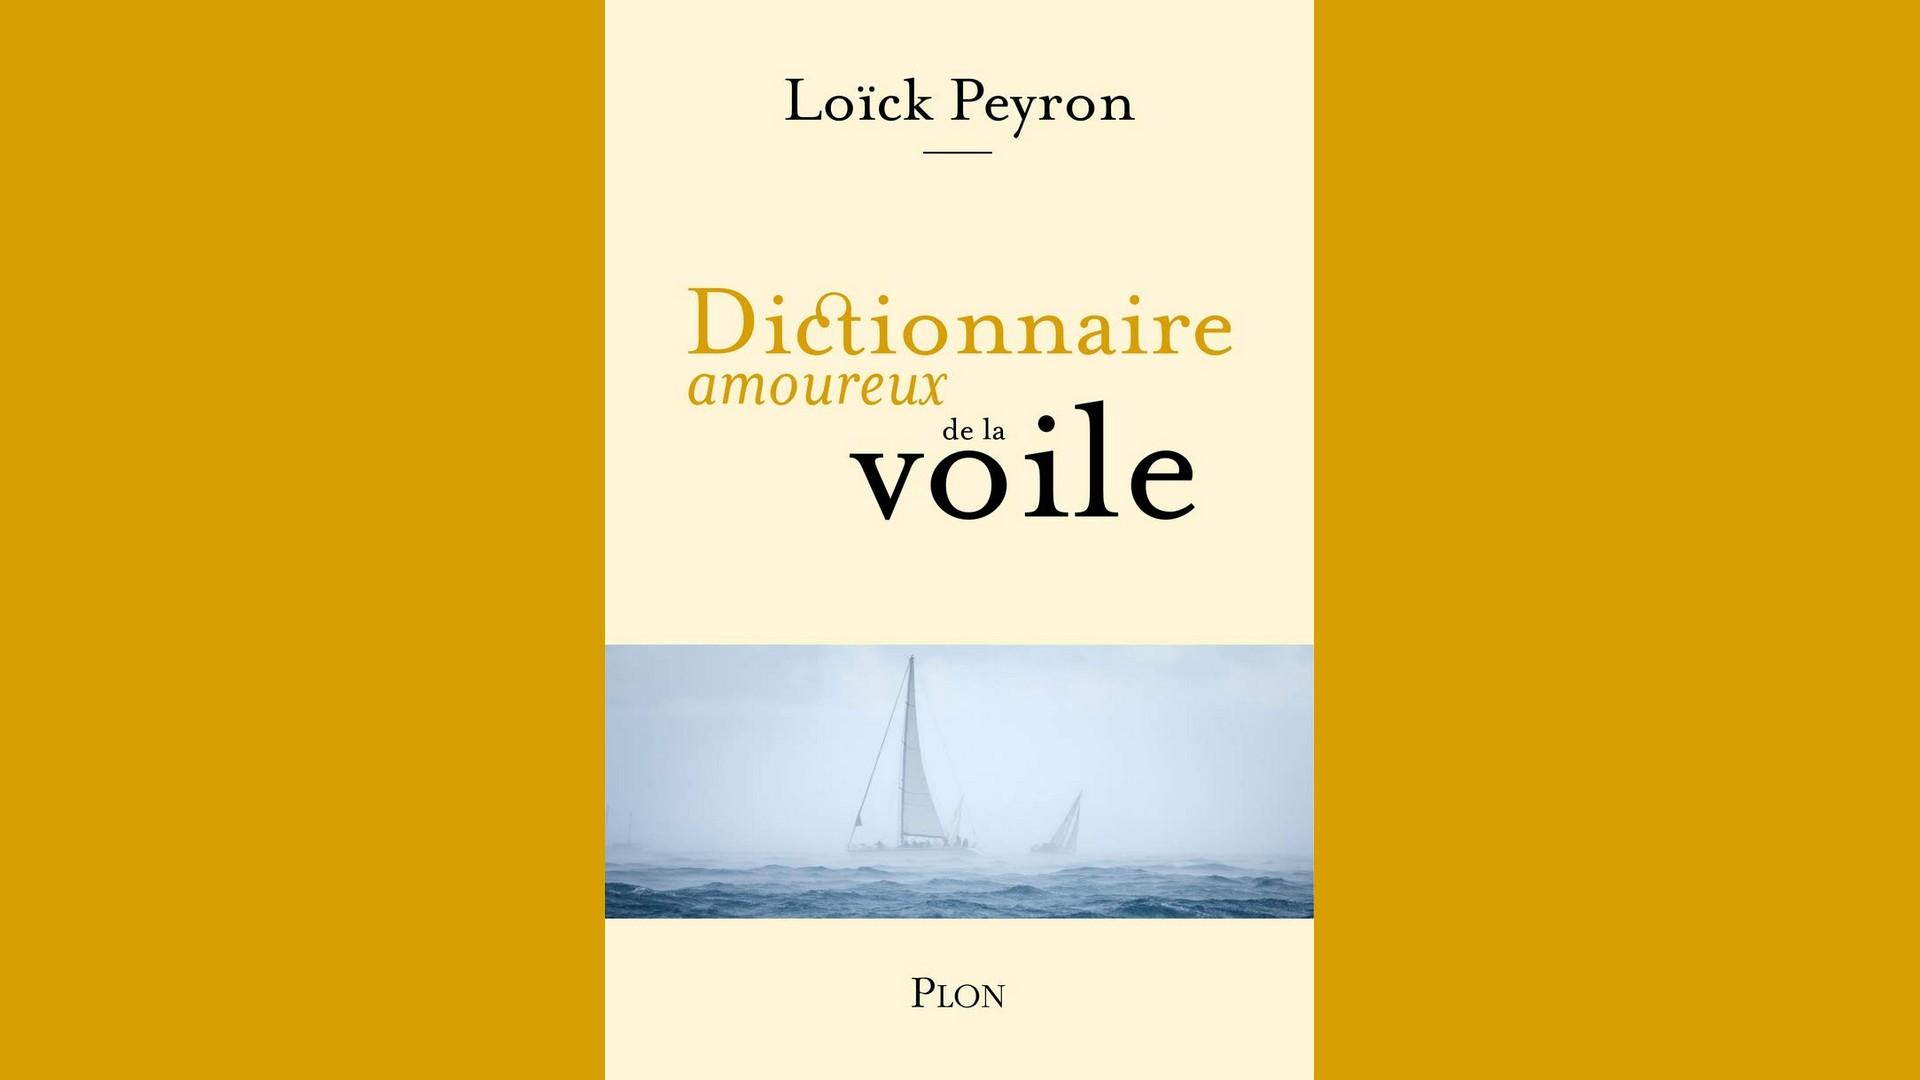 Livres – Dictionnaire amoureux de la voile – Loick Peyron (2020)